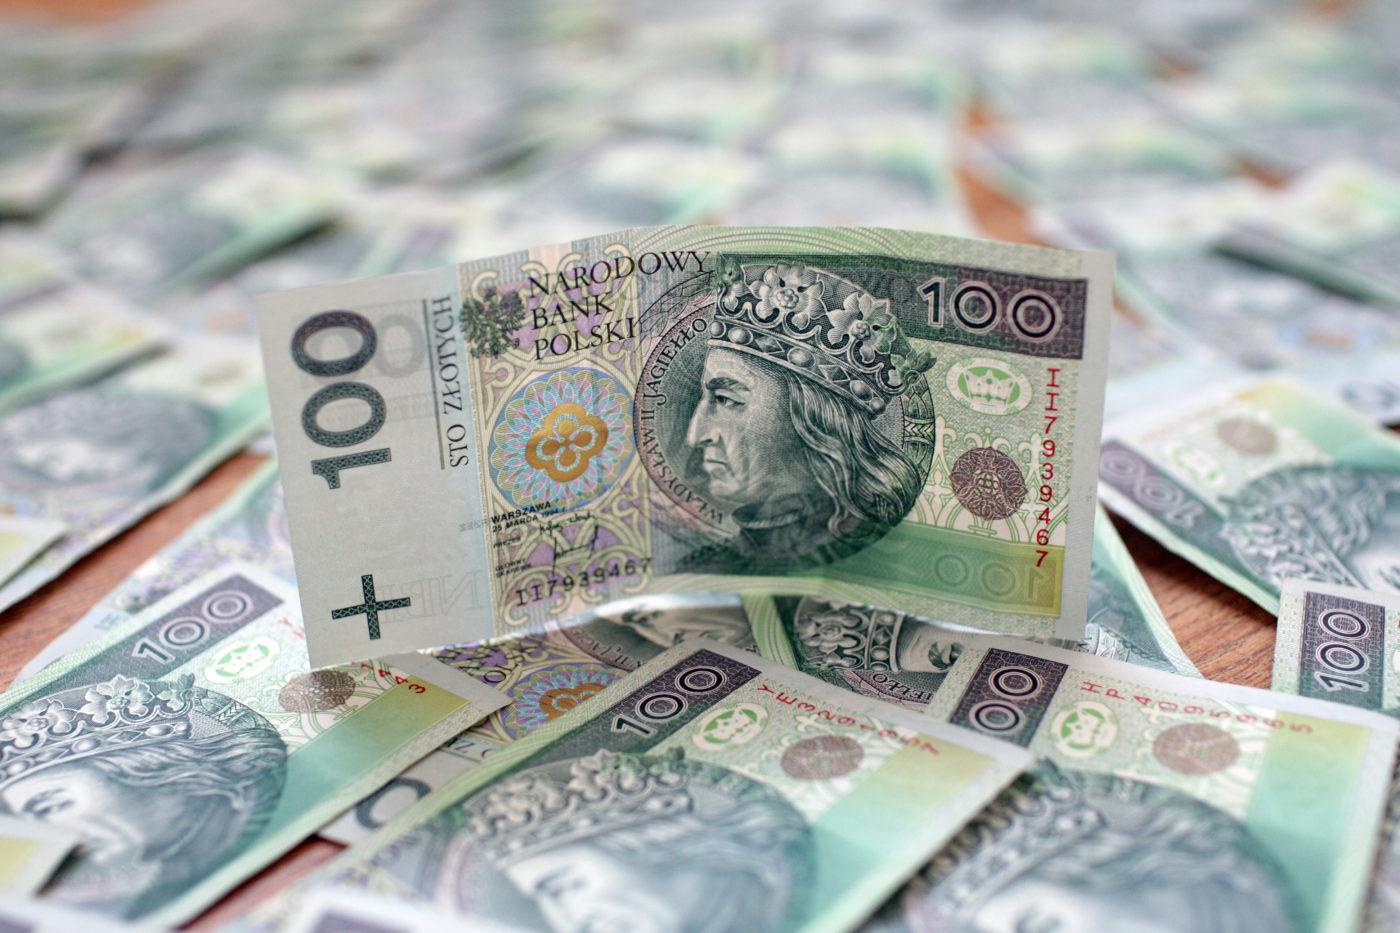 FOT. PIOTR MECIK / SE / EAST NEWS DATA: 26.01.2010  TEMAT: 10 TYS ZLOTYCH PIENIADZE BANKNOTY KASA